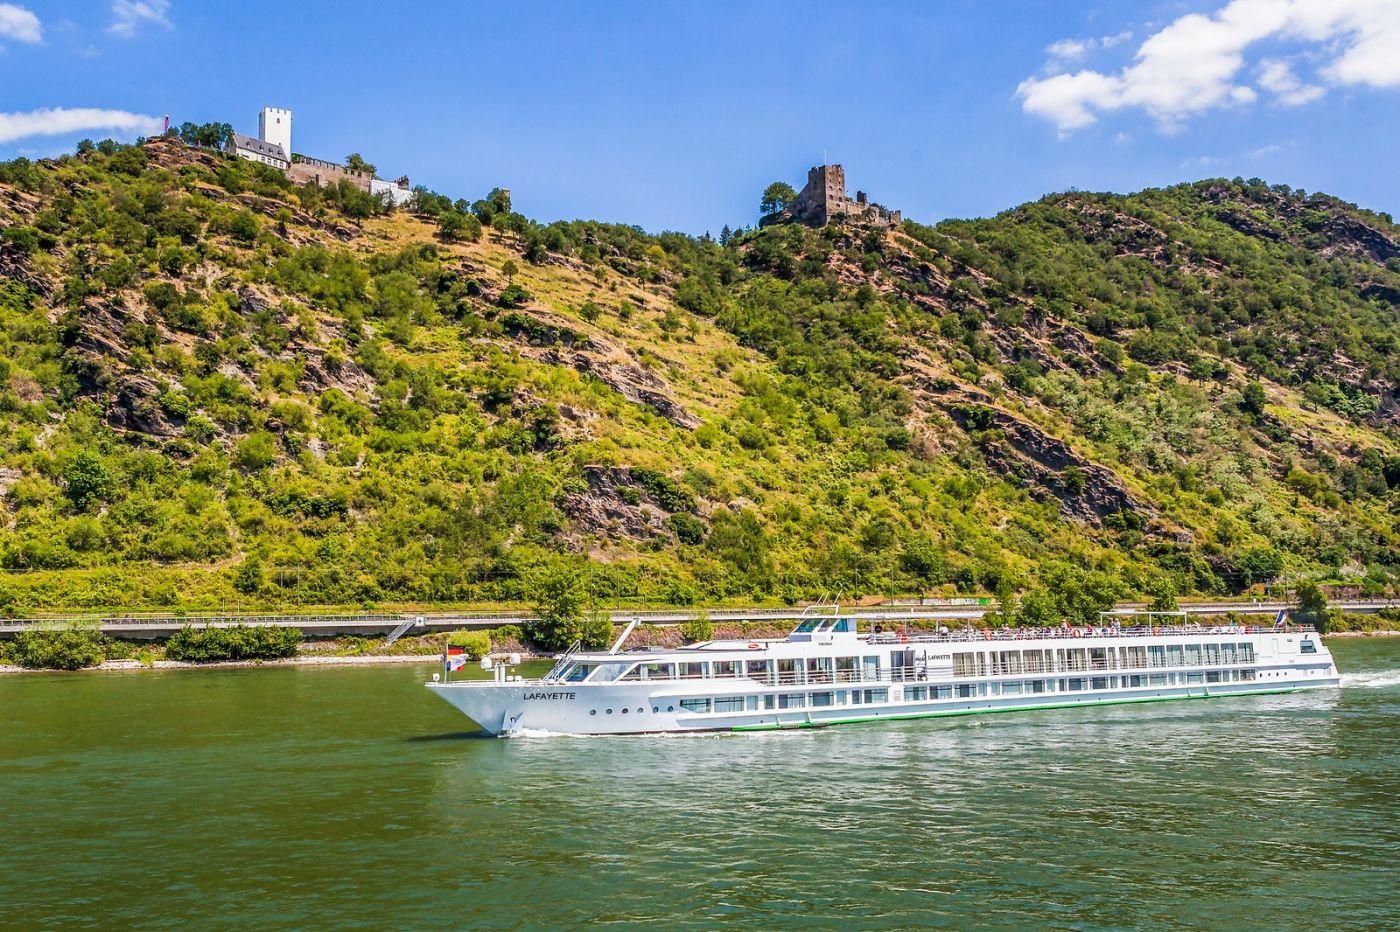 畅游莱茵河,游船商船另一道景_图1-29